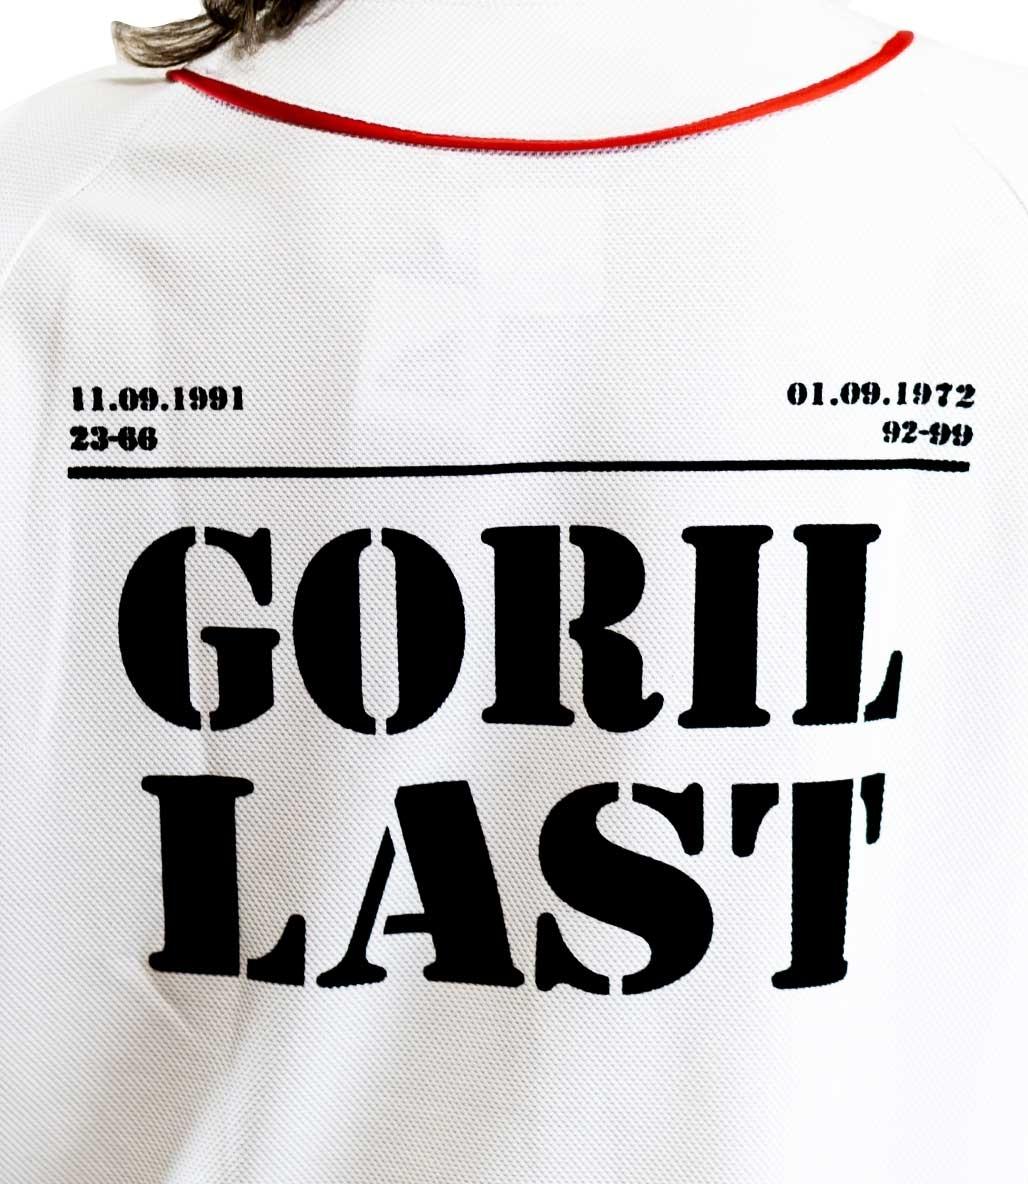 Gorillast Tx Gömlek Beyaz